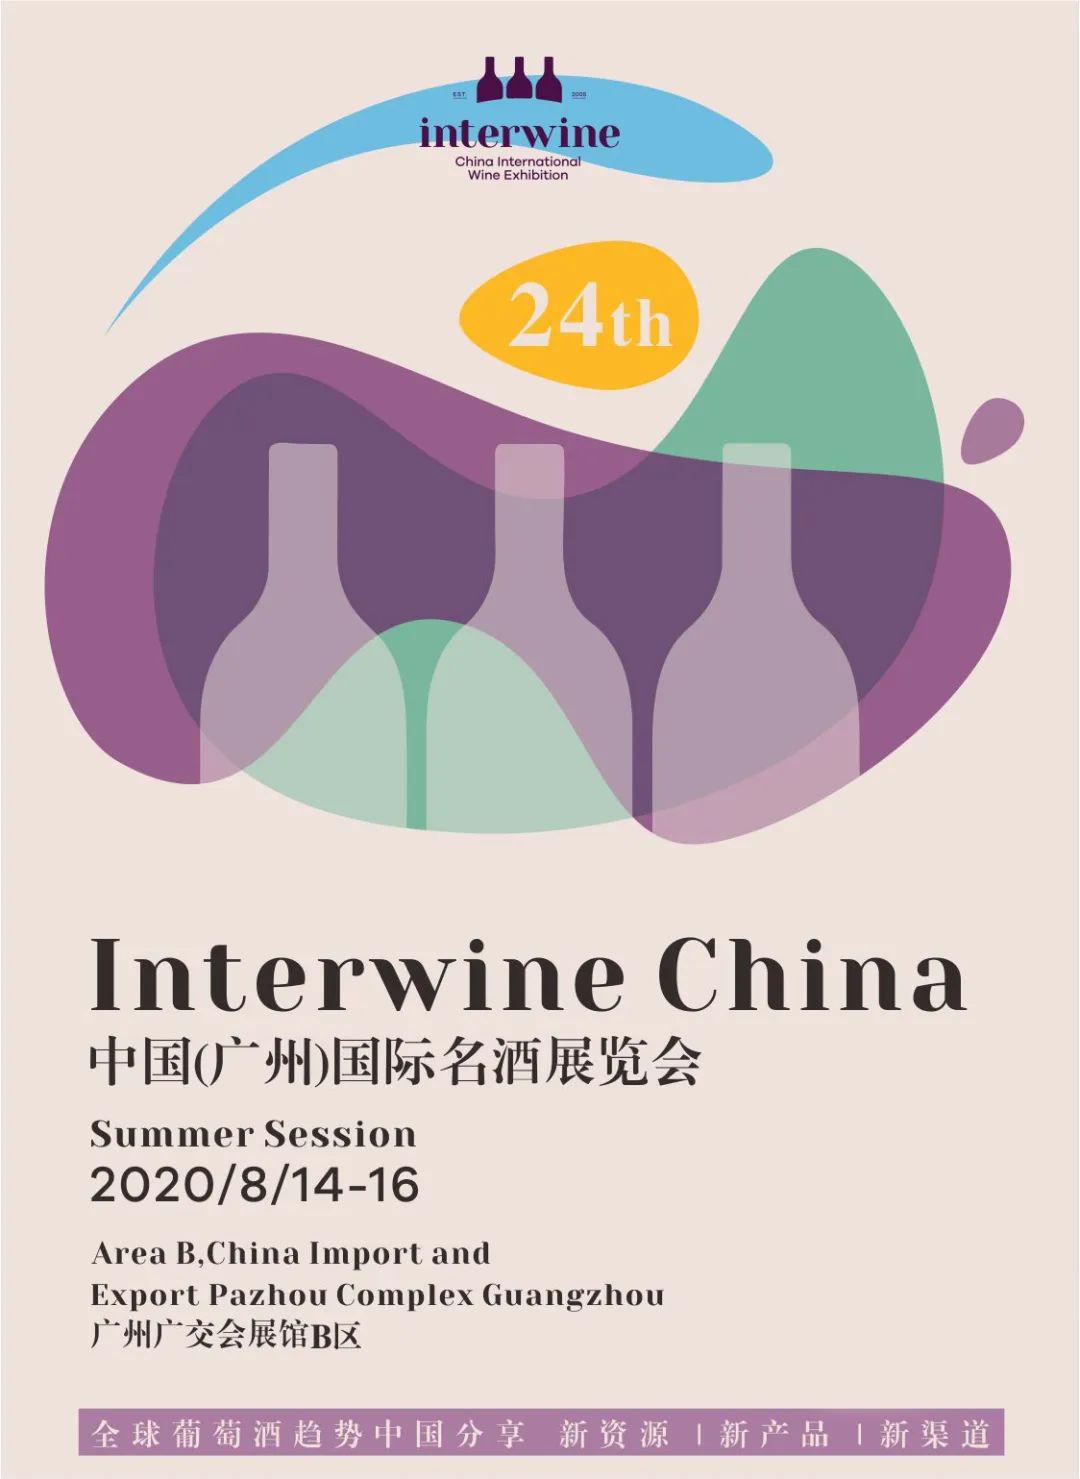 2020全球葡萄酒烈酒复苏首展Interwine 将于8月14-16日安全启航!